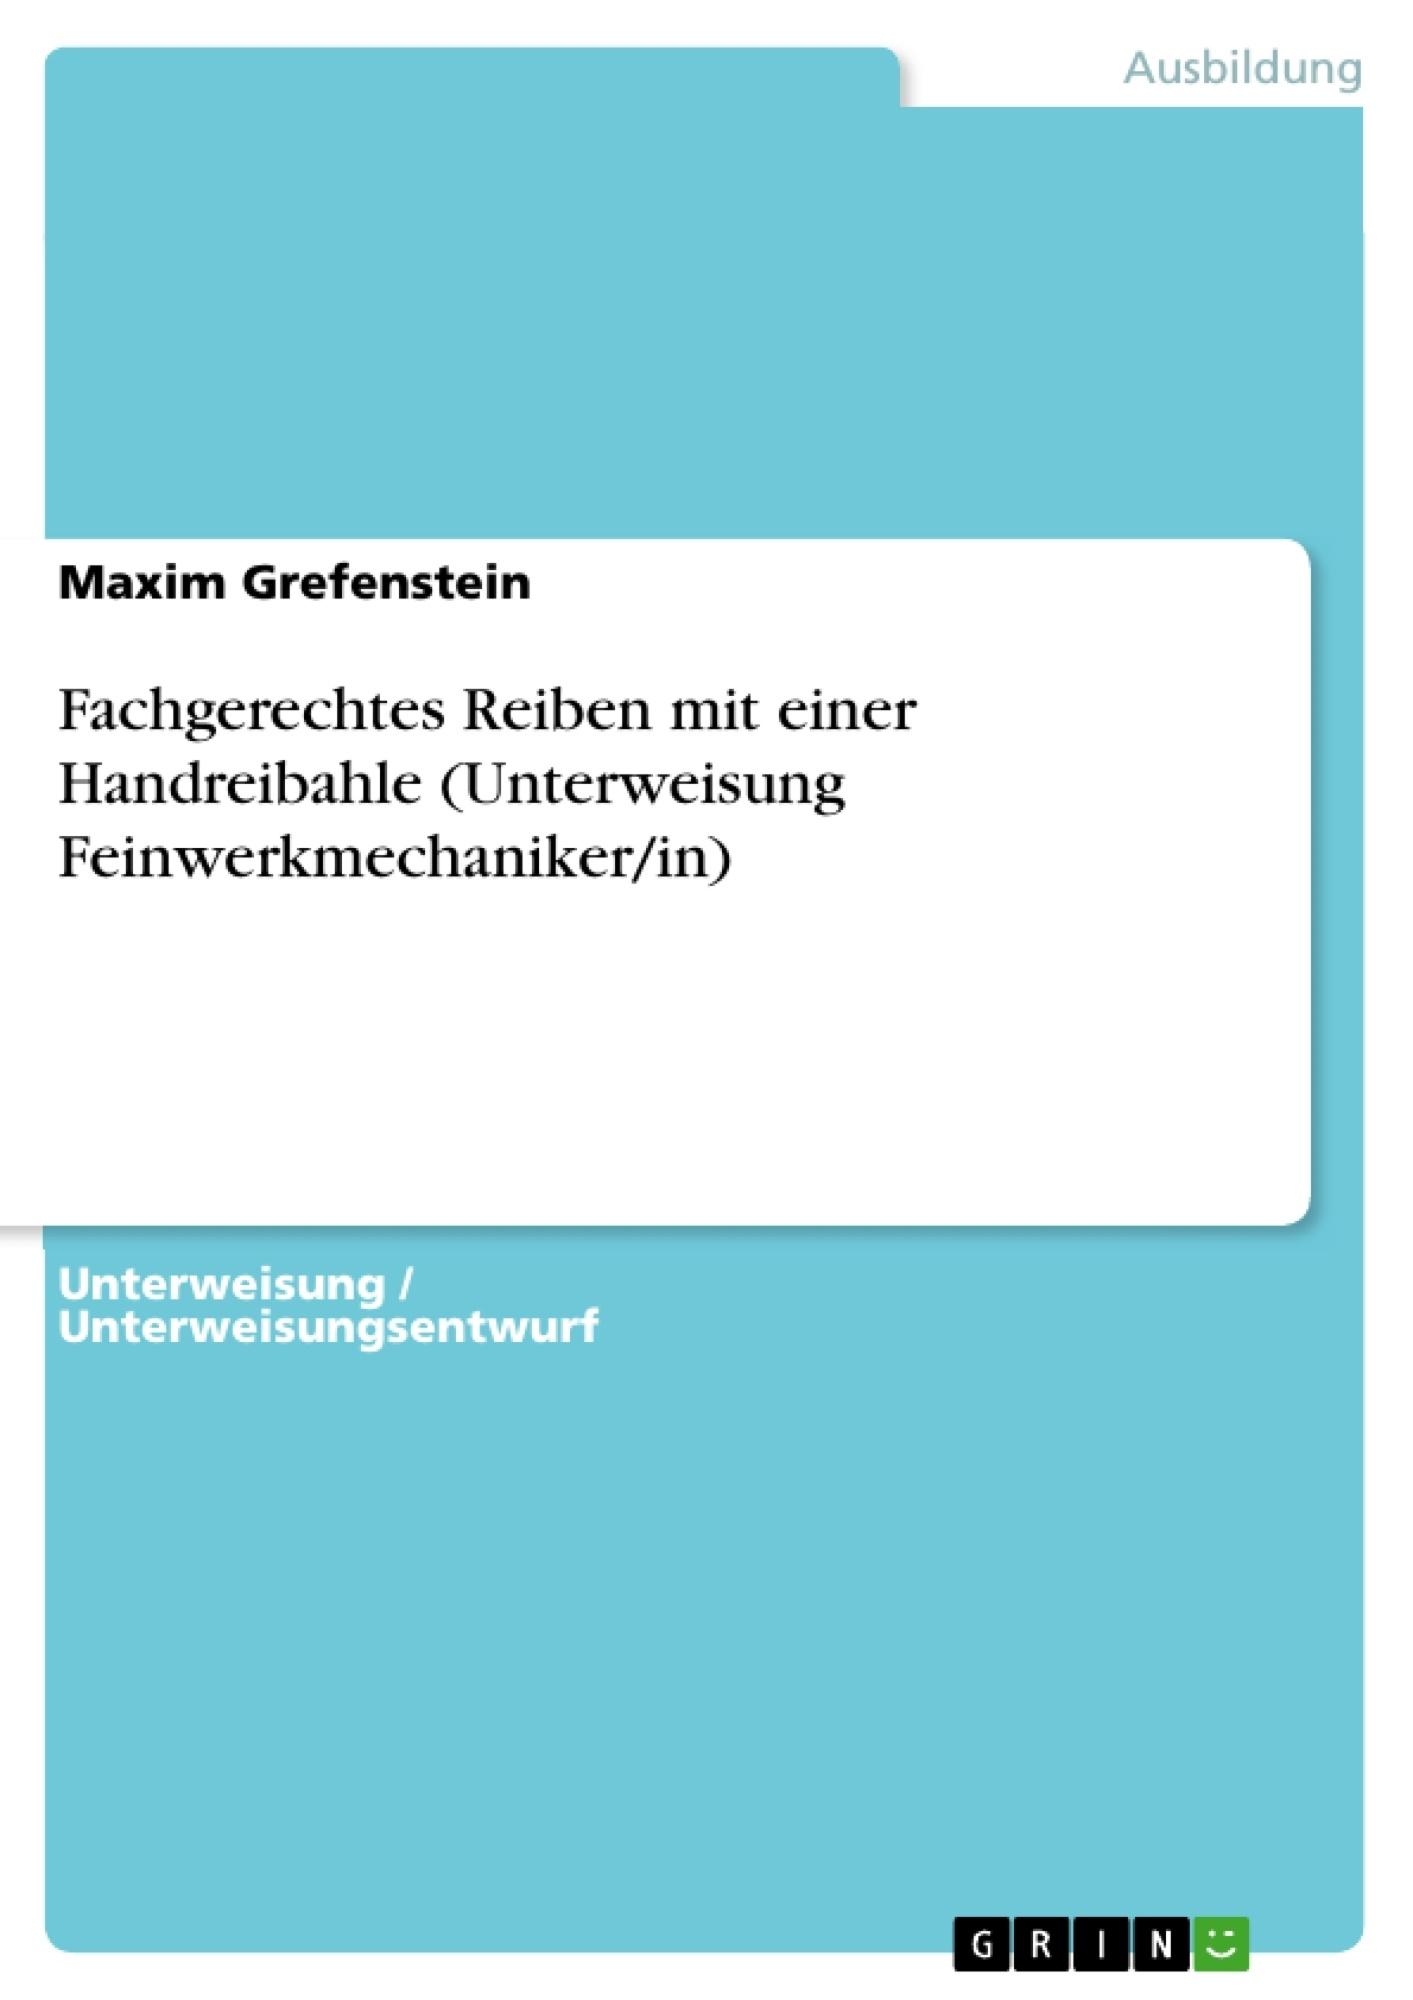 Titel: Fachgerechtes Reiben mit einer Handreibahle (Unterweisung Feinwerkmechaniker/in)